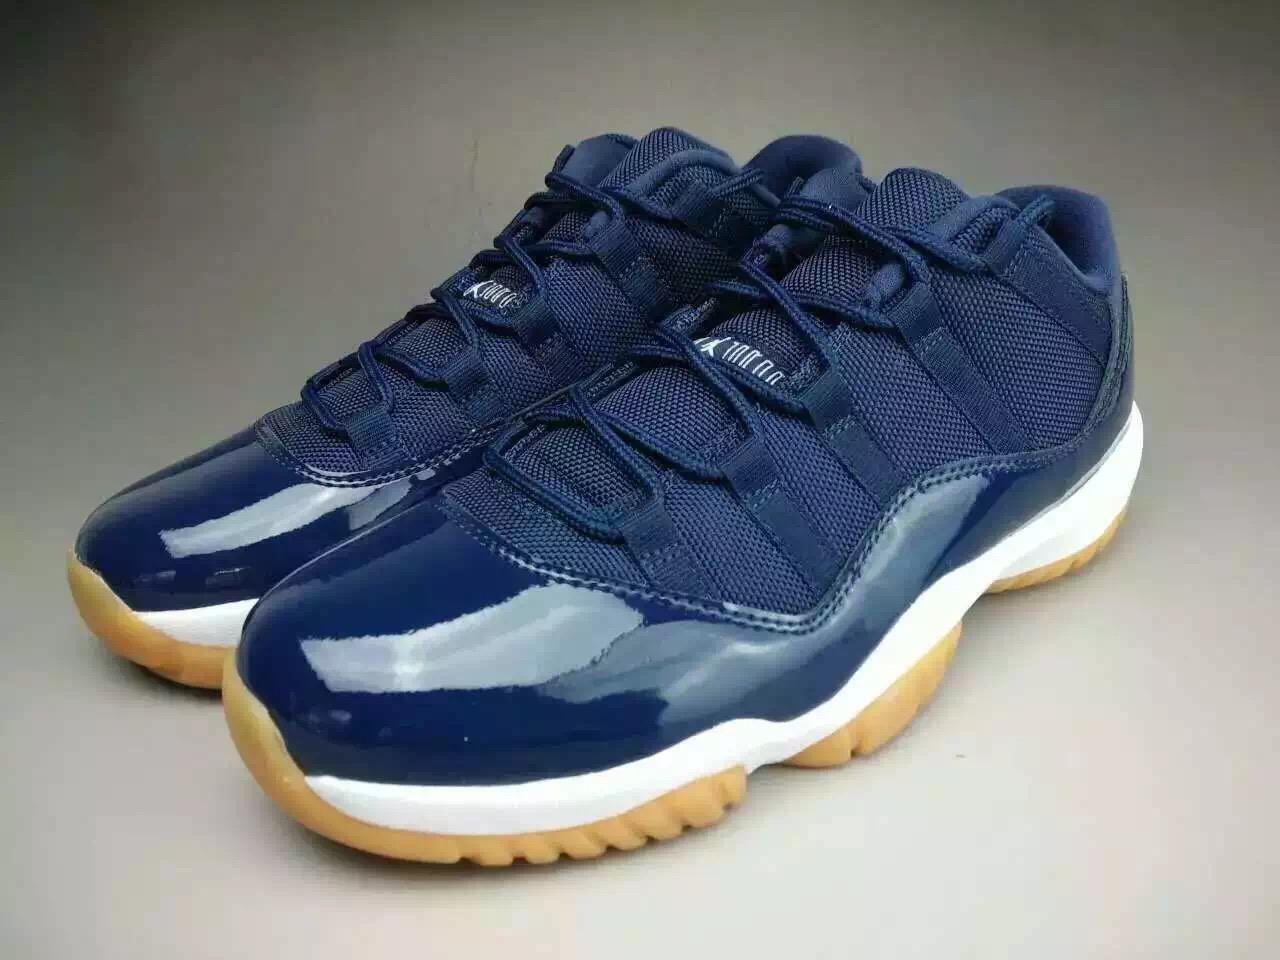 Closer Look at the Air Jordan 11 Low